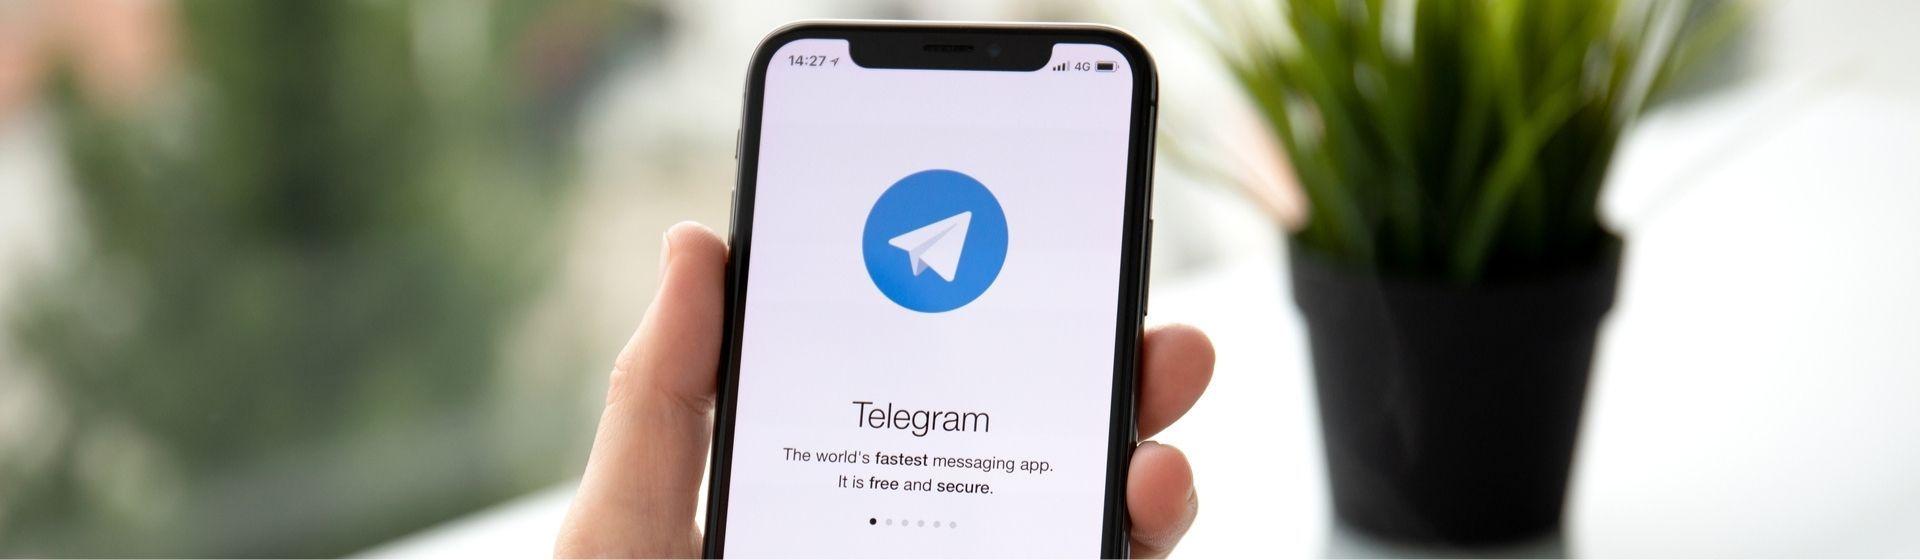 Grupos Telegram: o que são e como achar?